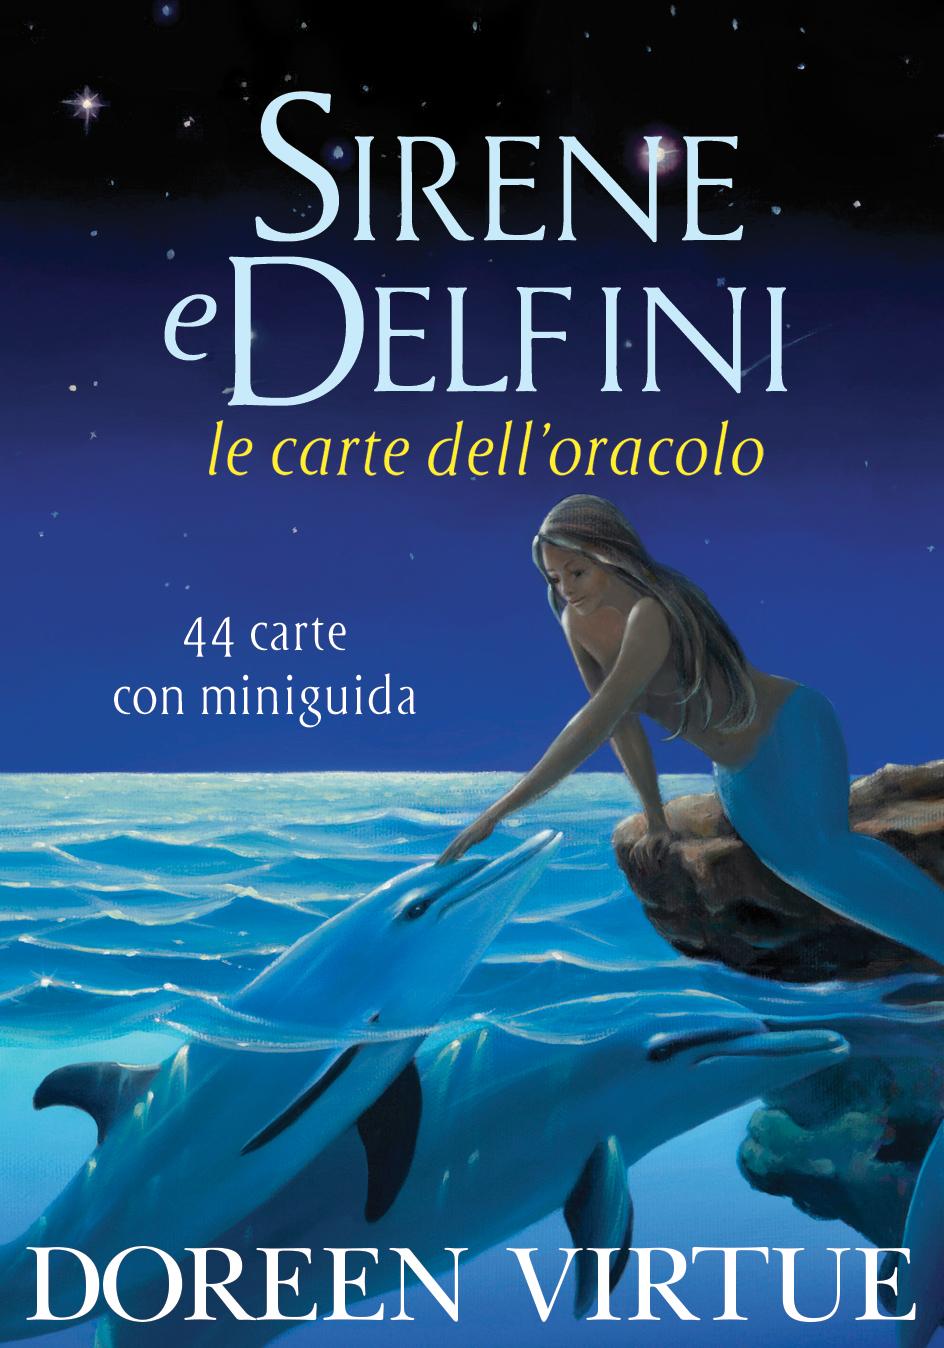 carte sirene e delfini